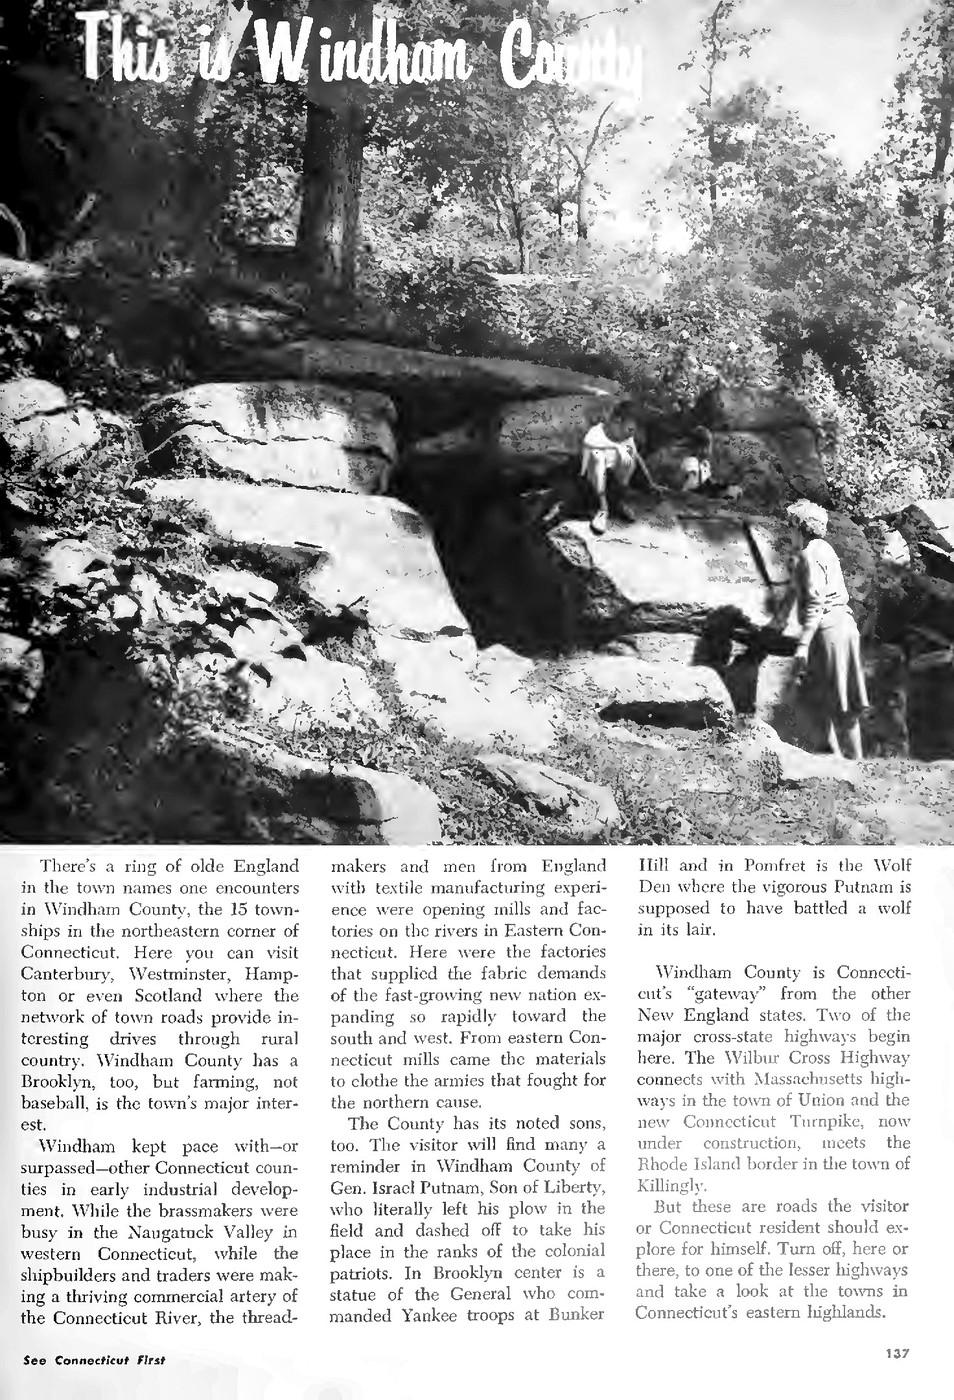 PAGE137-vi.jpg